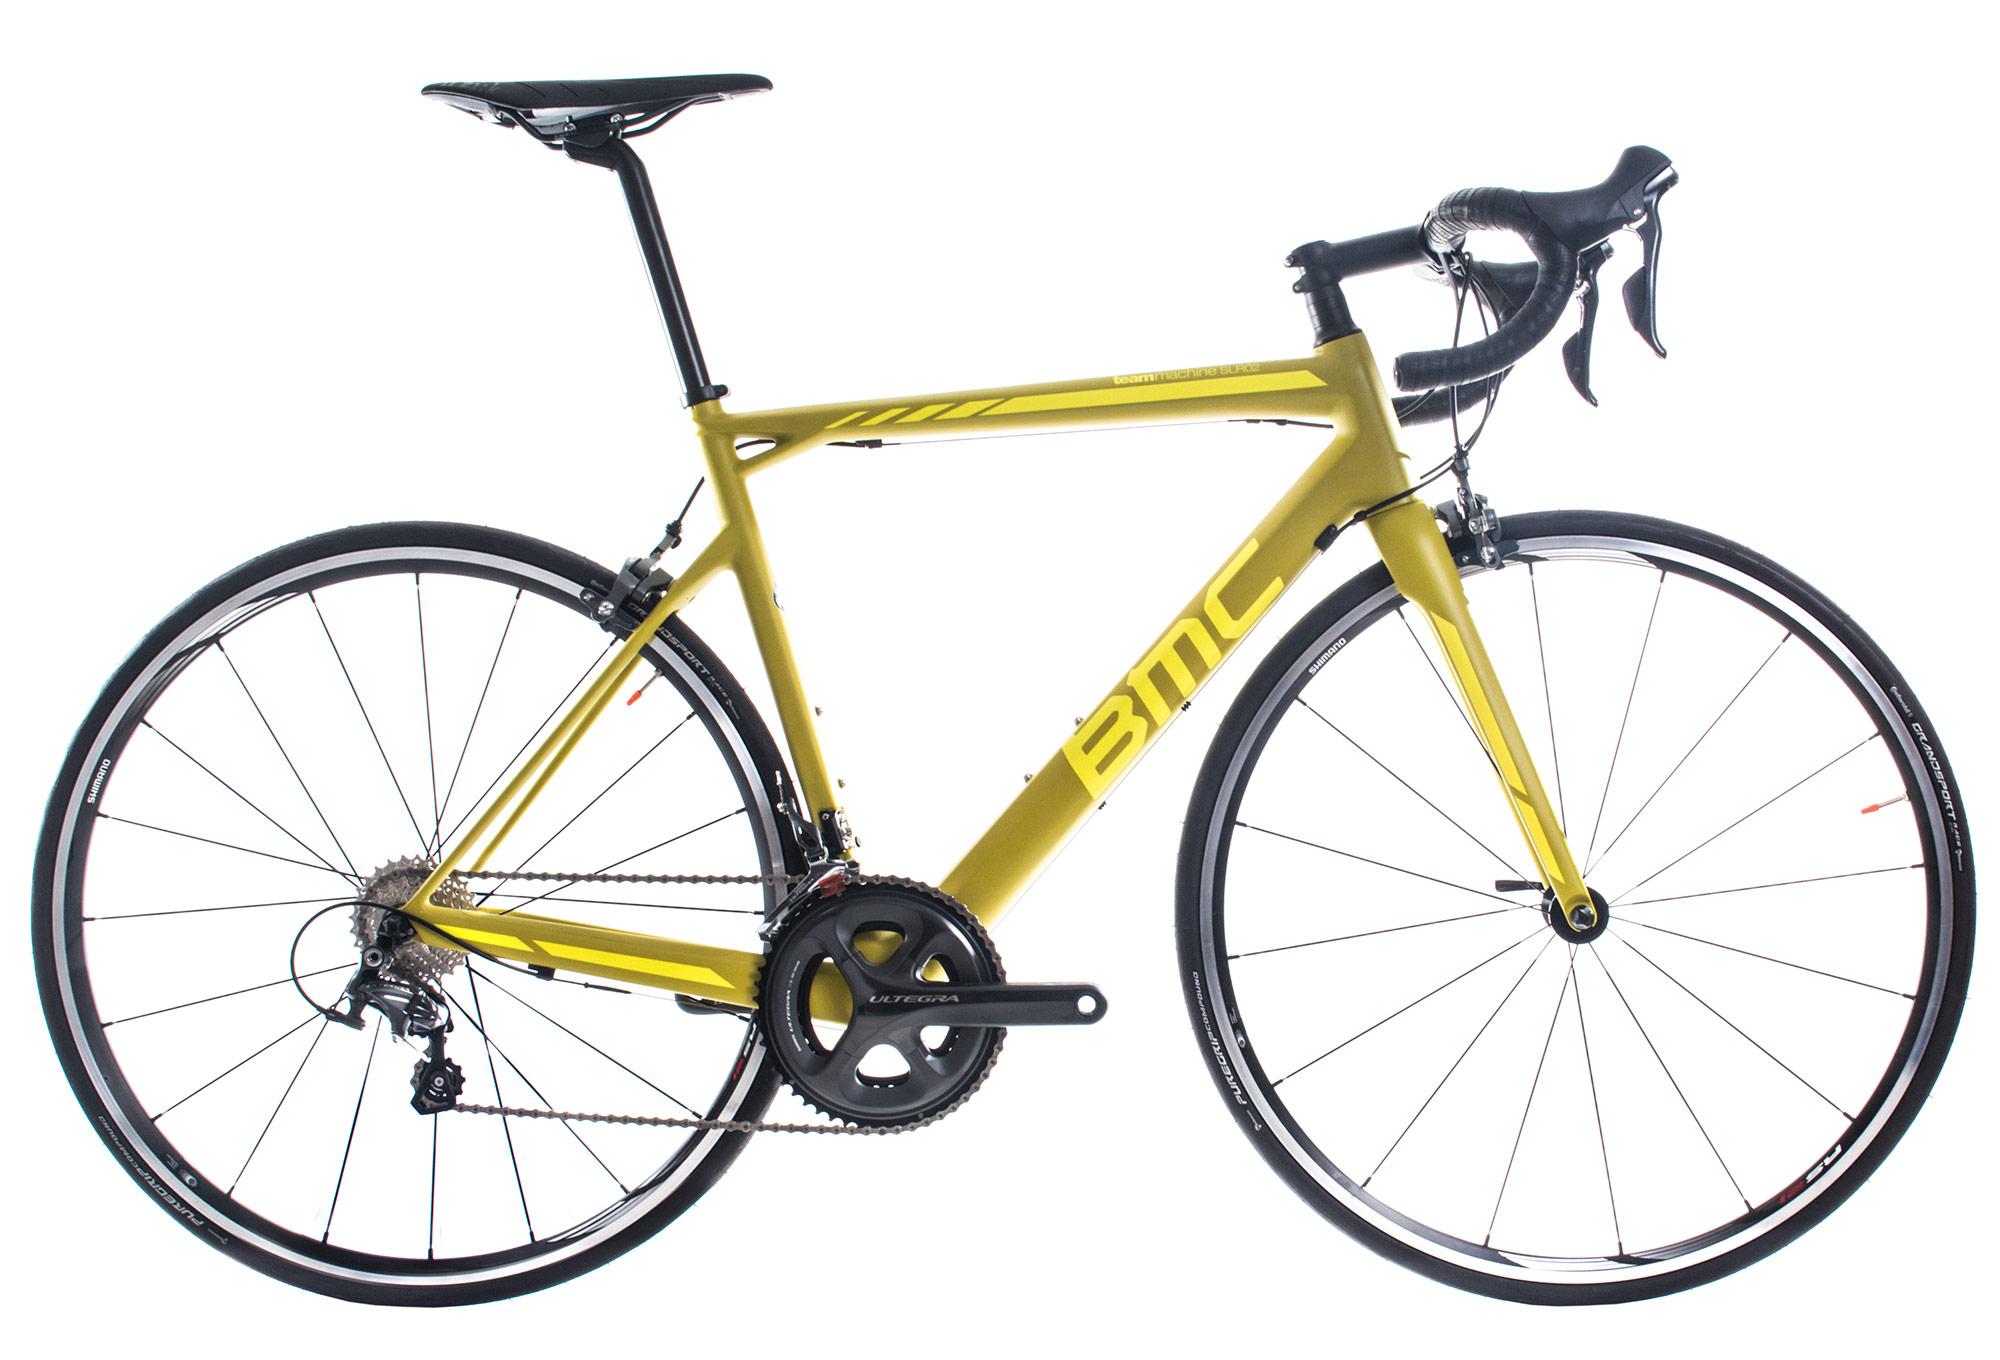 Vélo de route BMC TeamMachine SLR02 (2017) - Shimano Ultegra 11V - 48 cm / 160-169 cm - Jaune